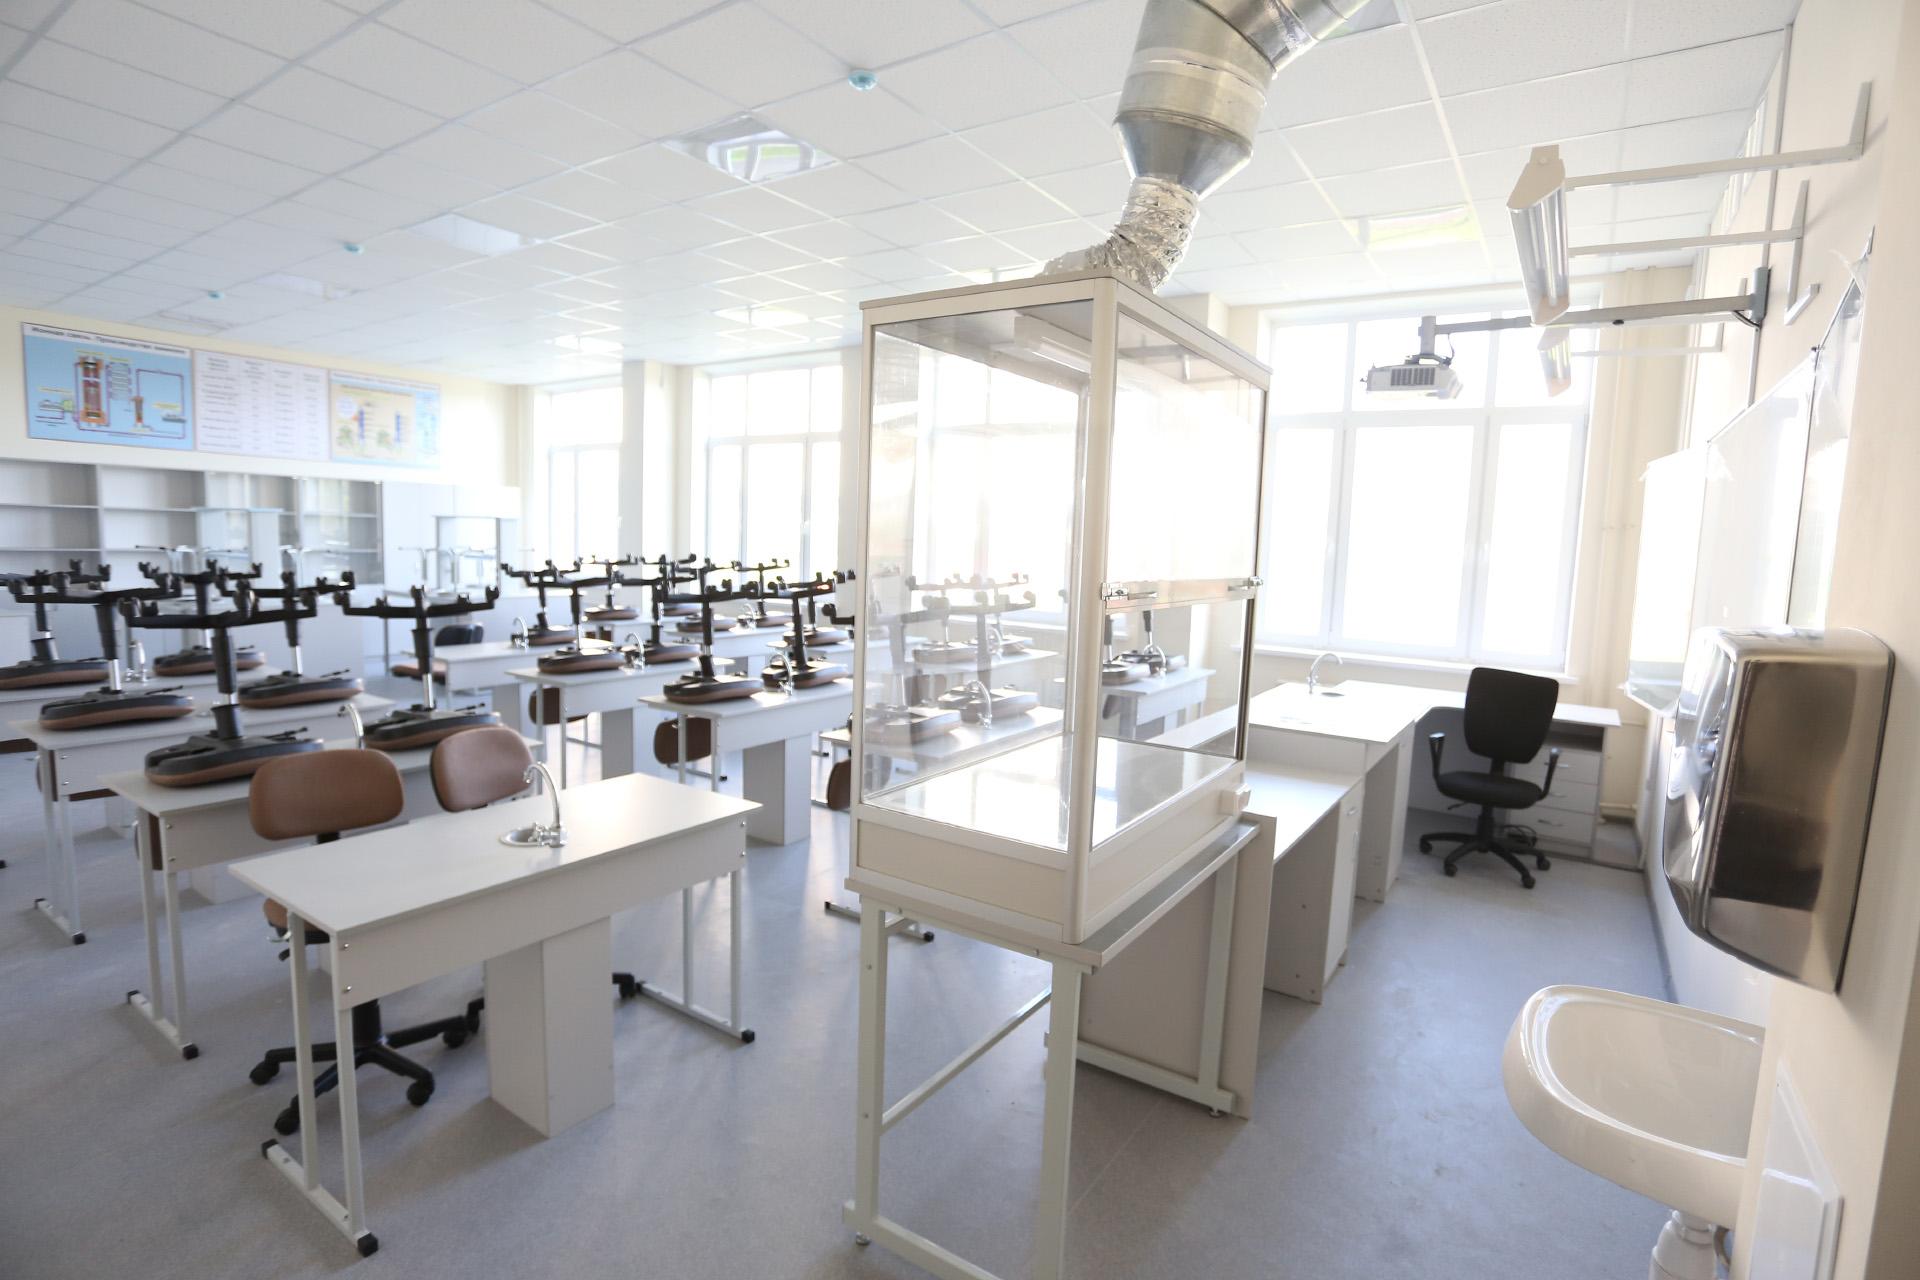 В кабинете химии школьники будут проводить опыты